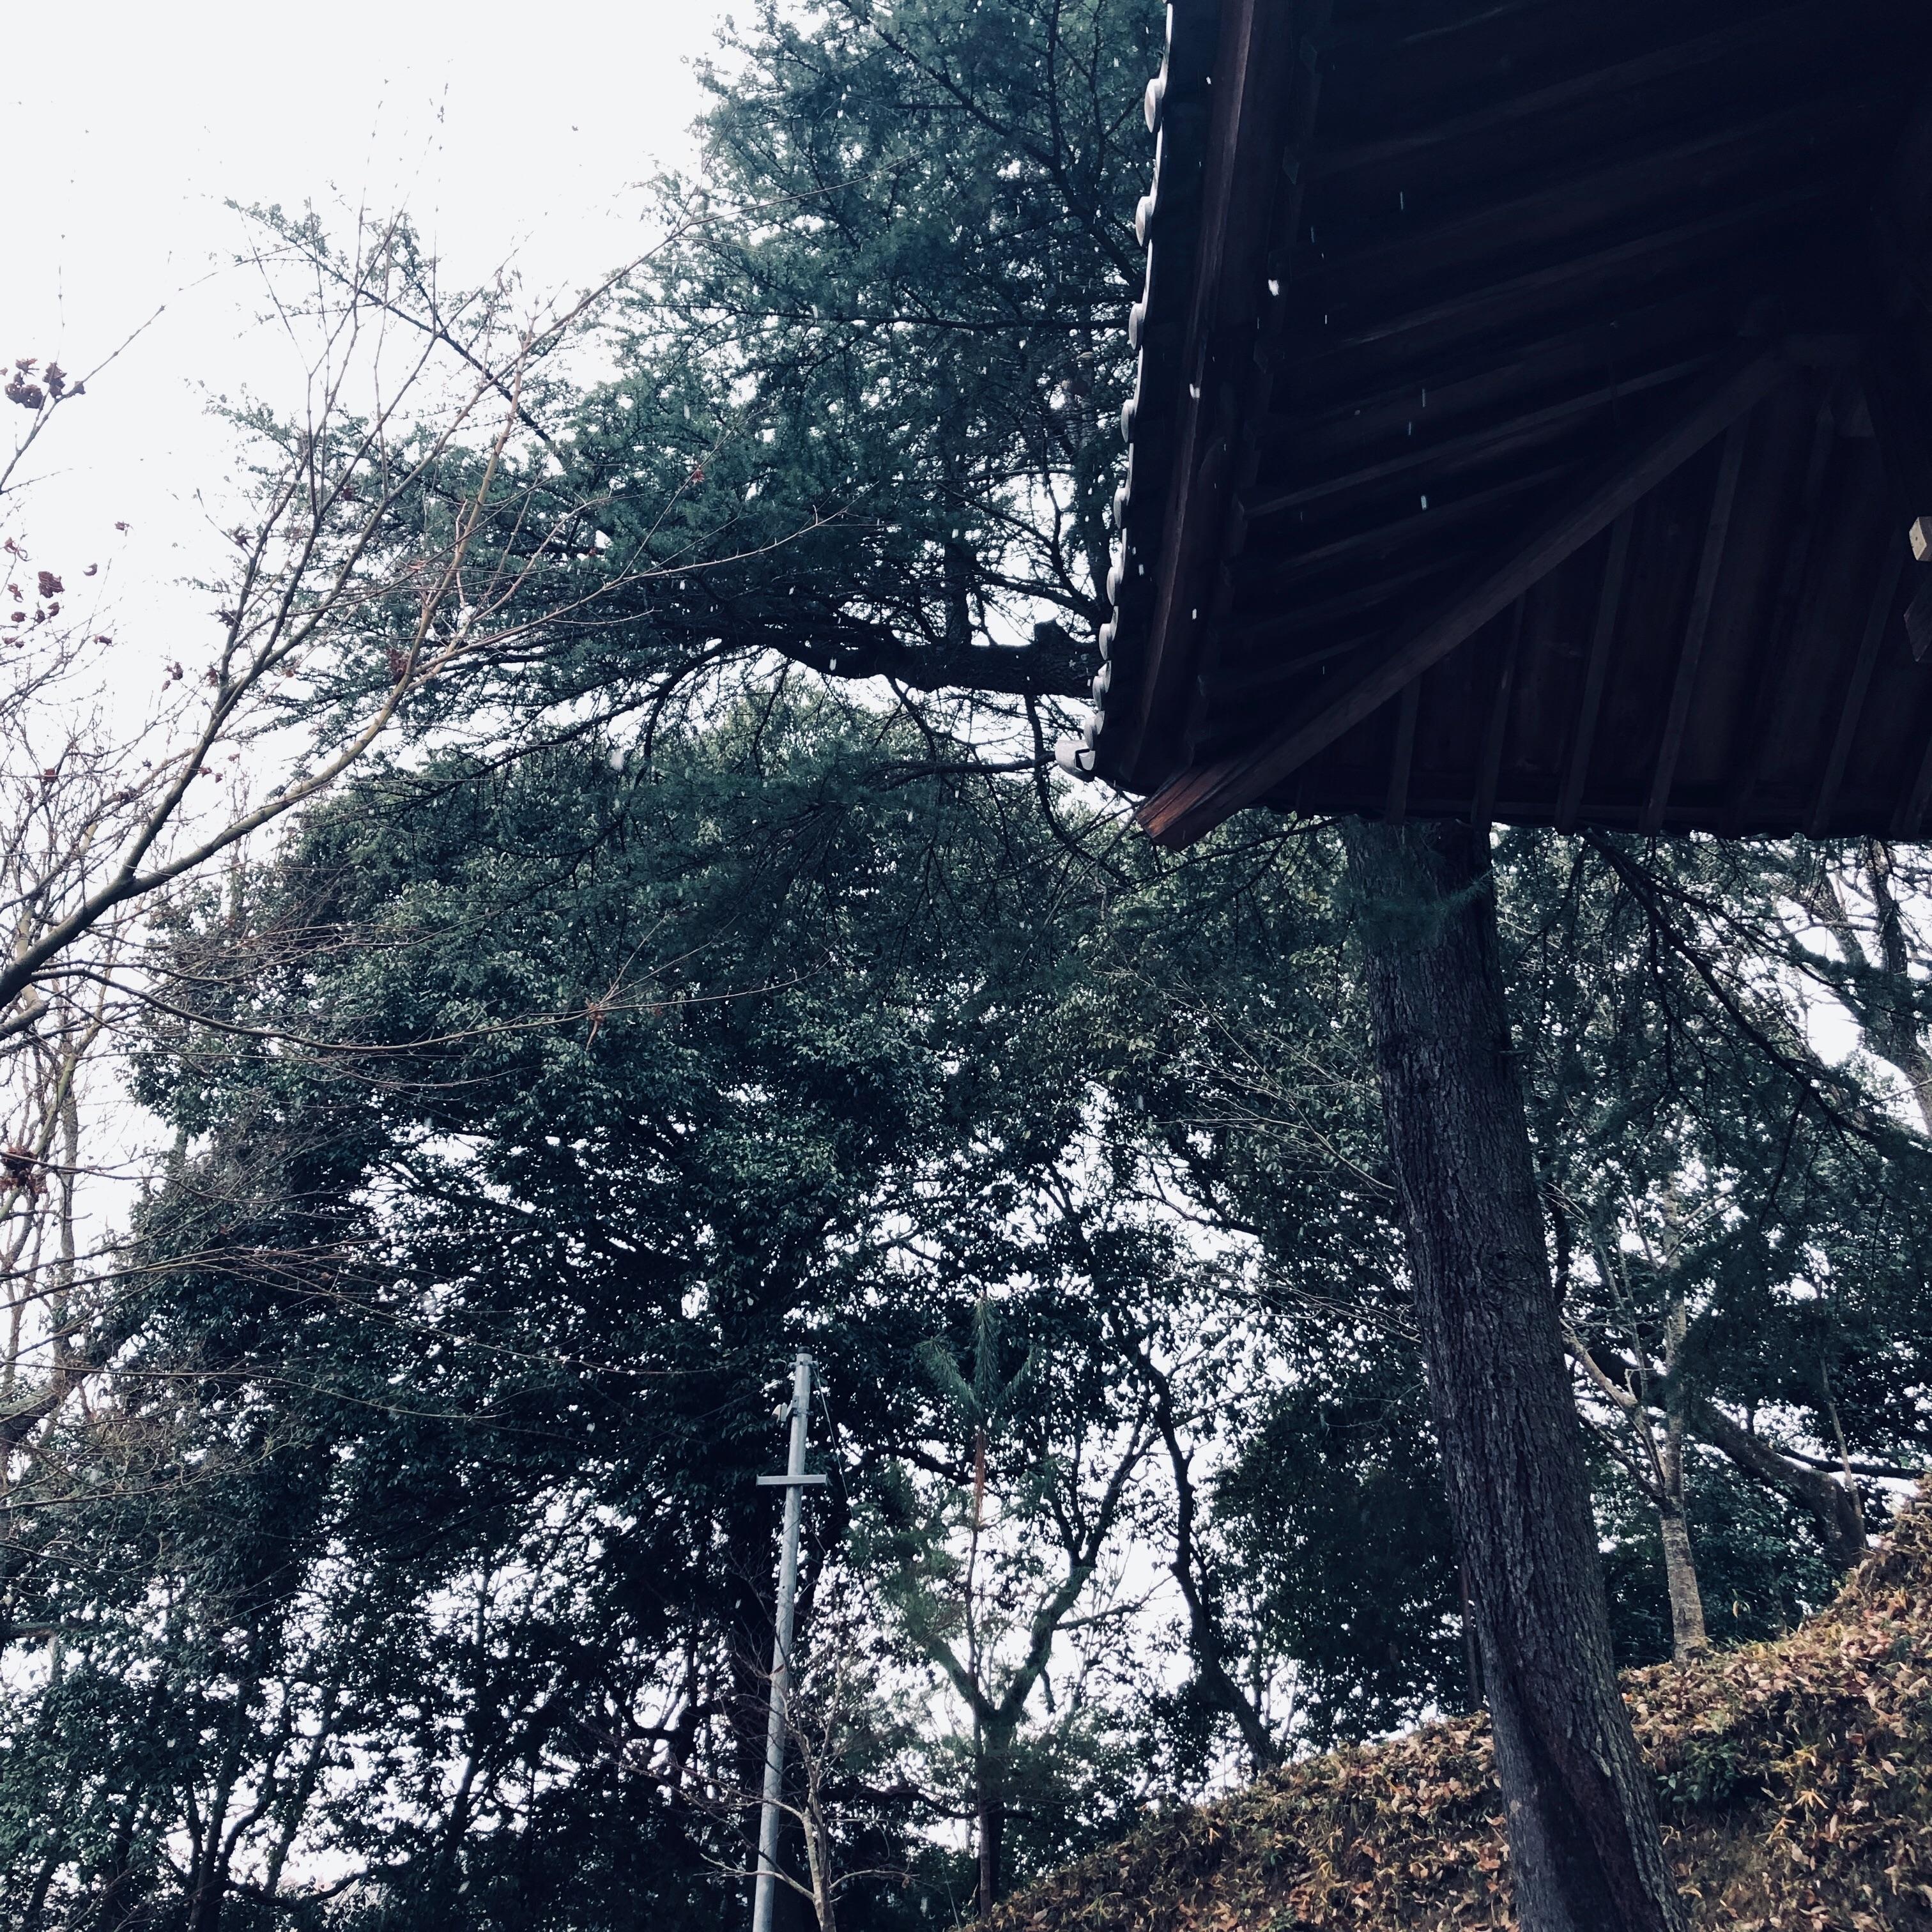 f:id:fujikana:20181229135747j:image